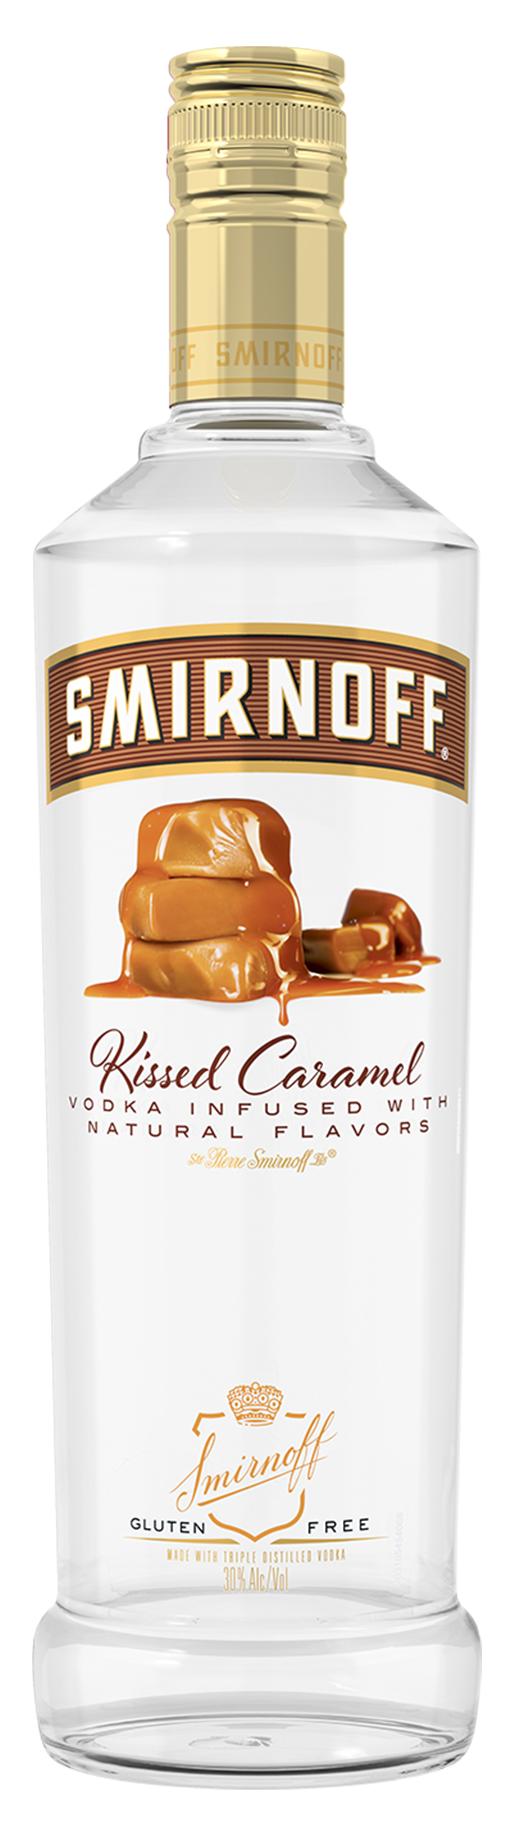 SMIRNOFF KISSED CARAMEL